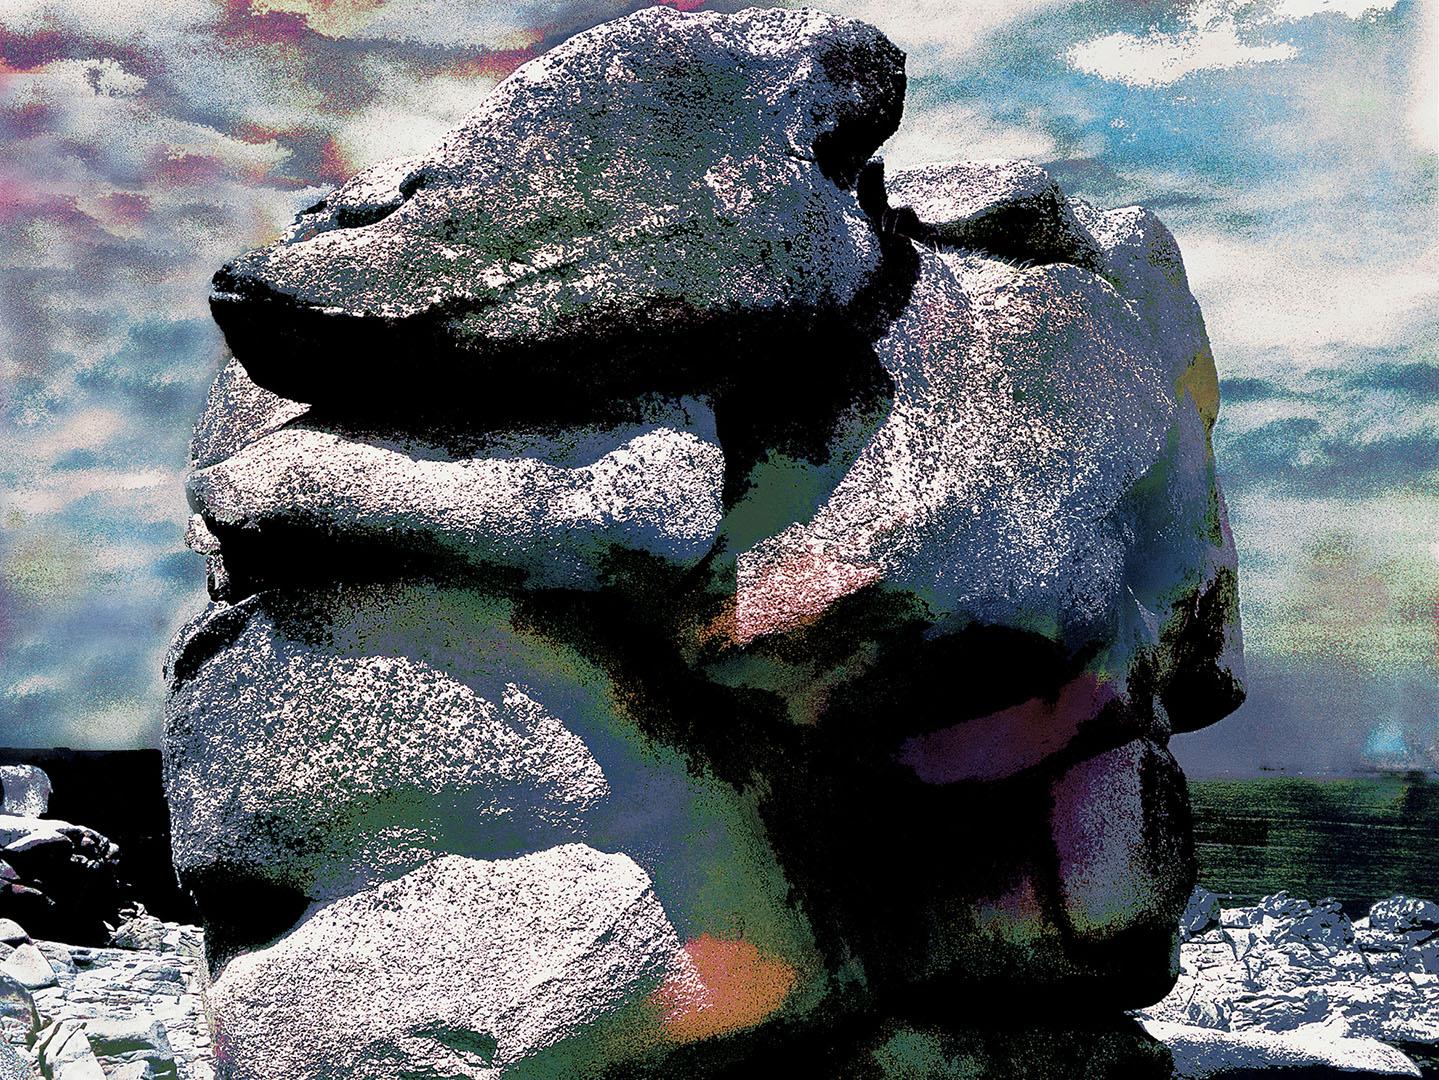 Celtic_Rocks_47_Bretagne_21a